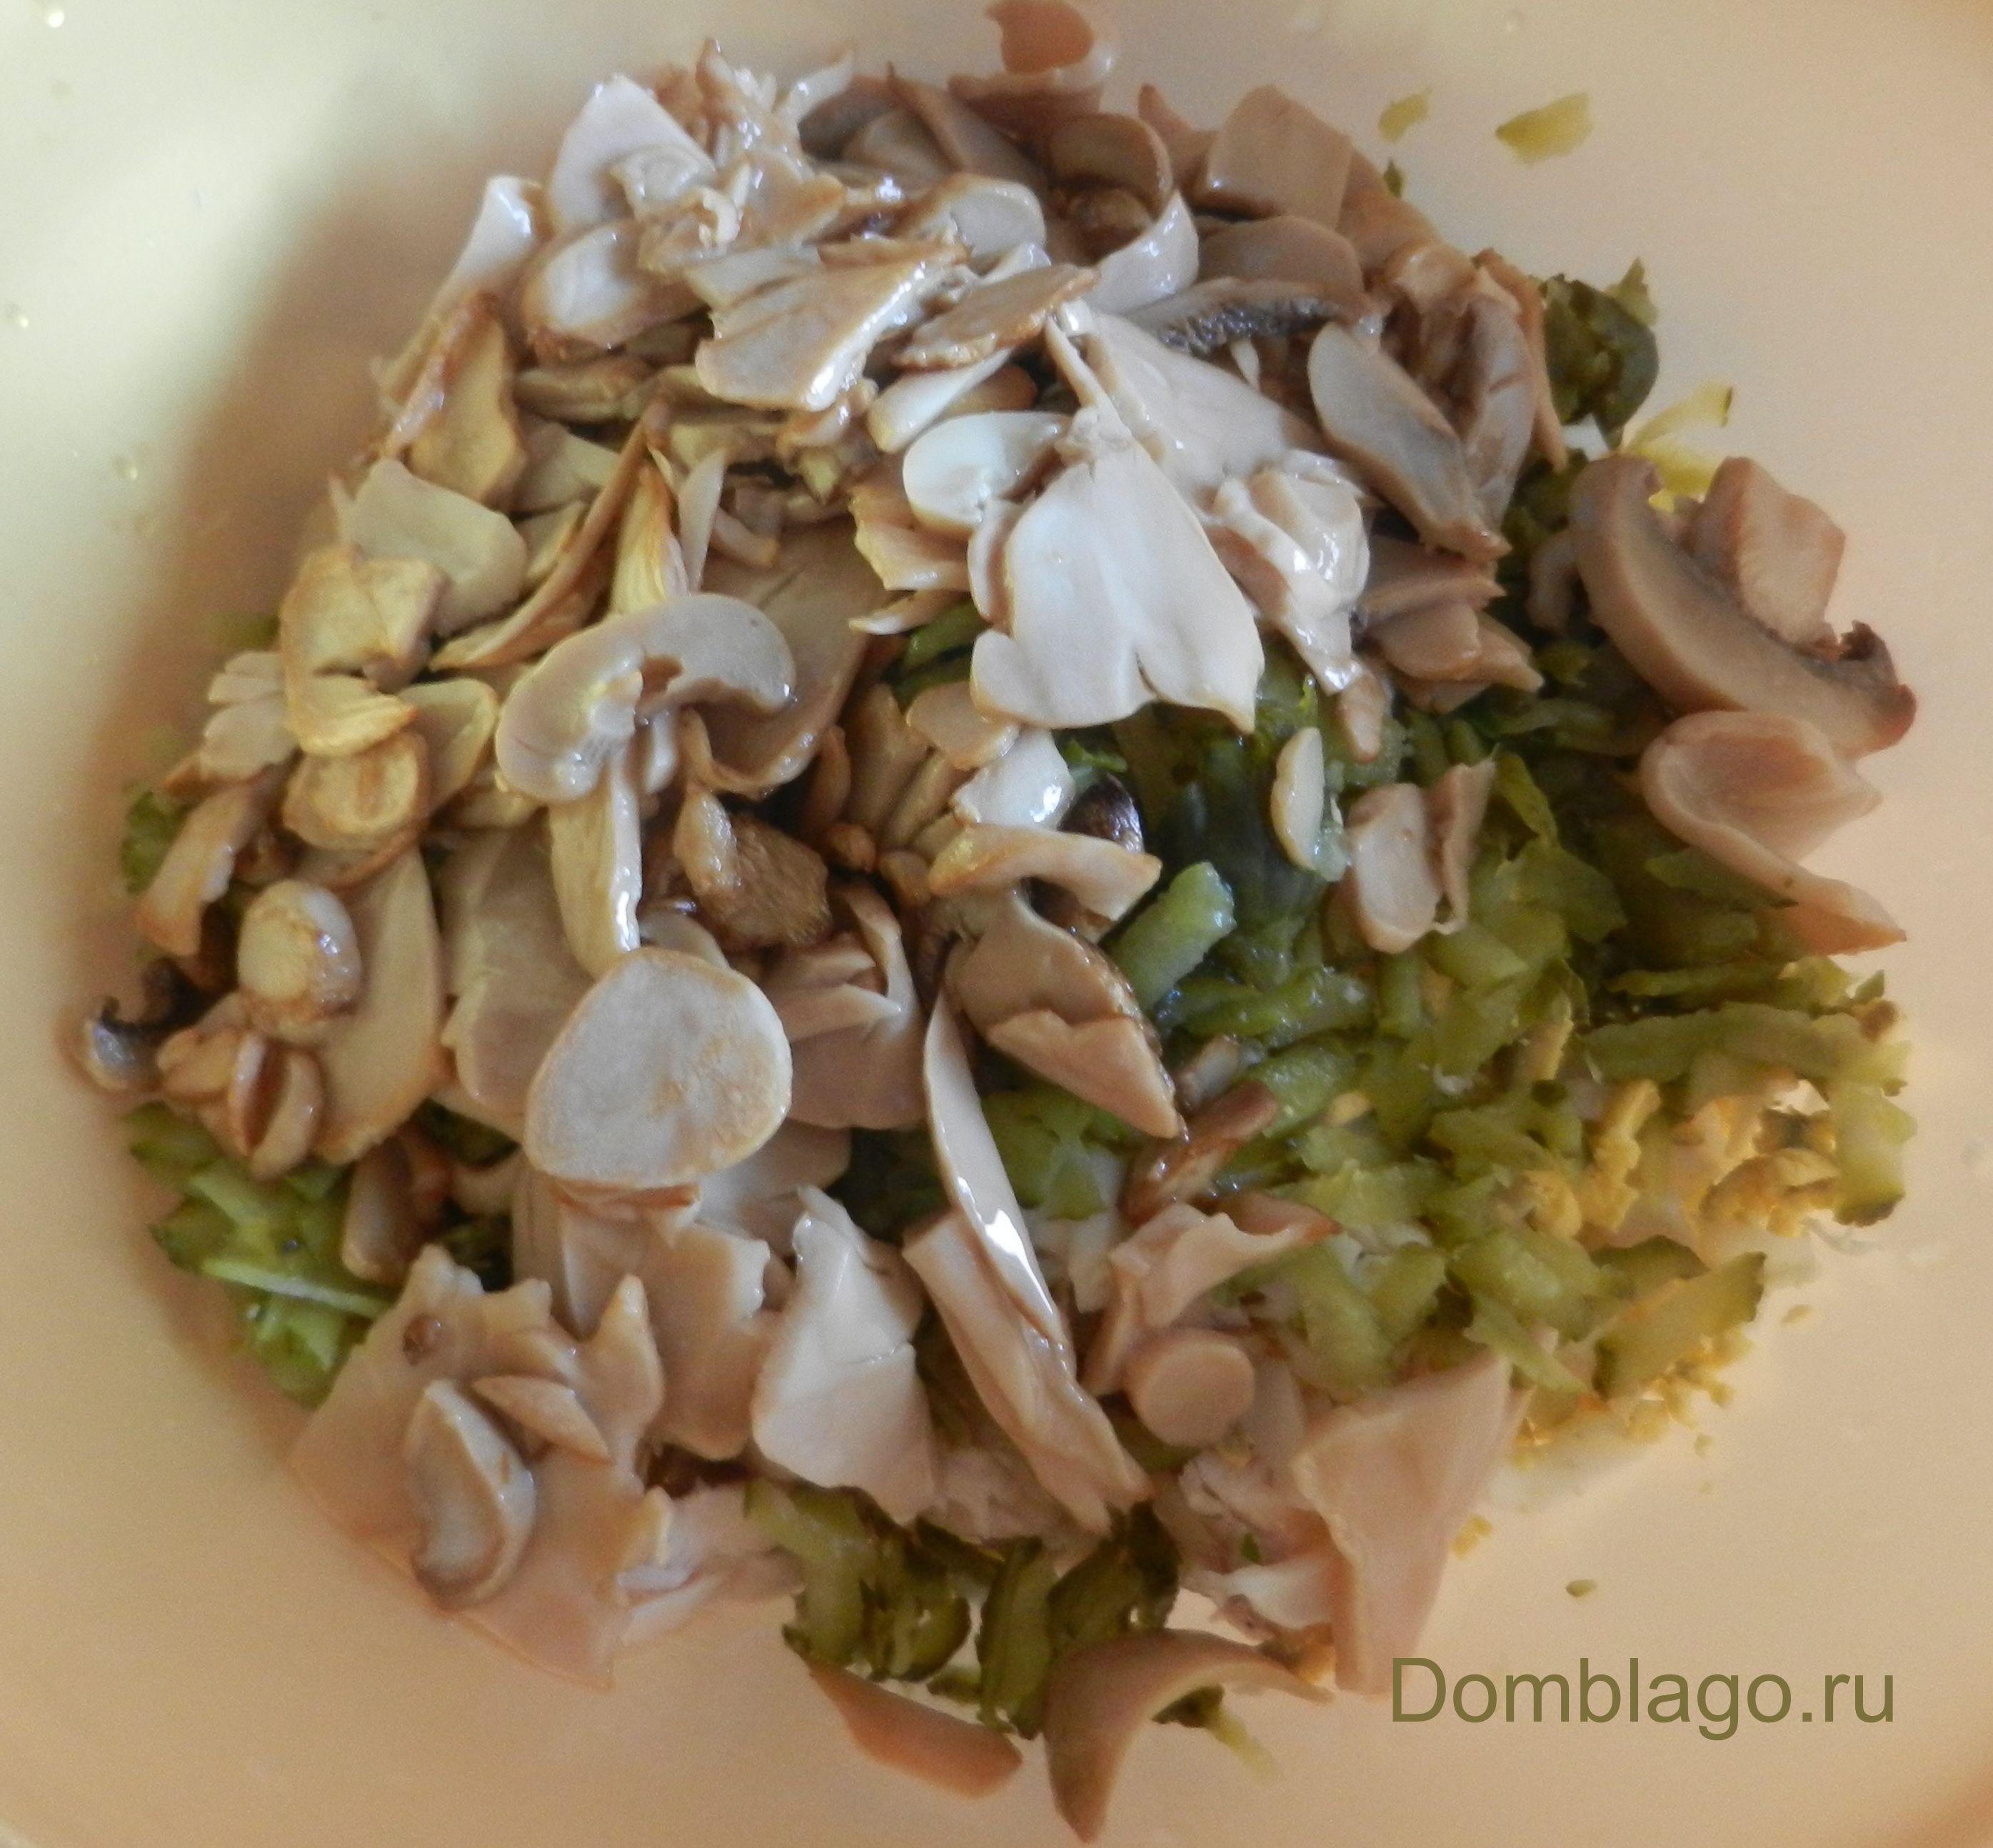 Салат с соленым арахисом рецепт с фото